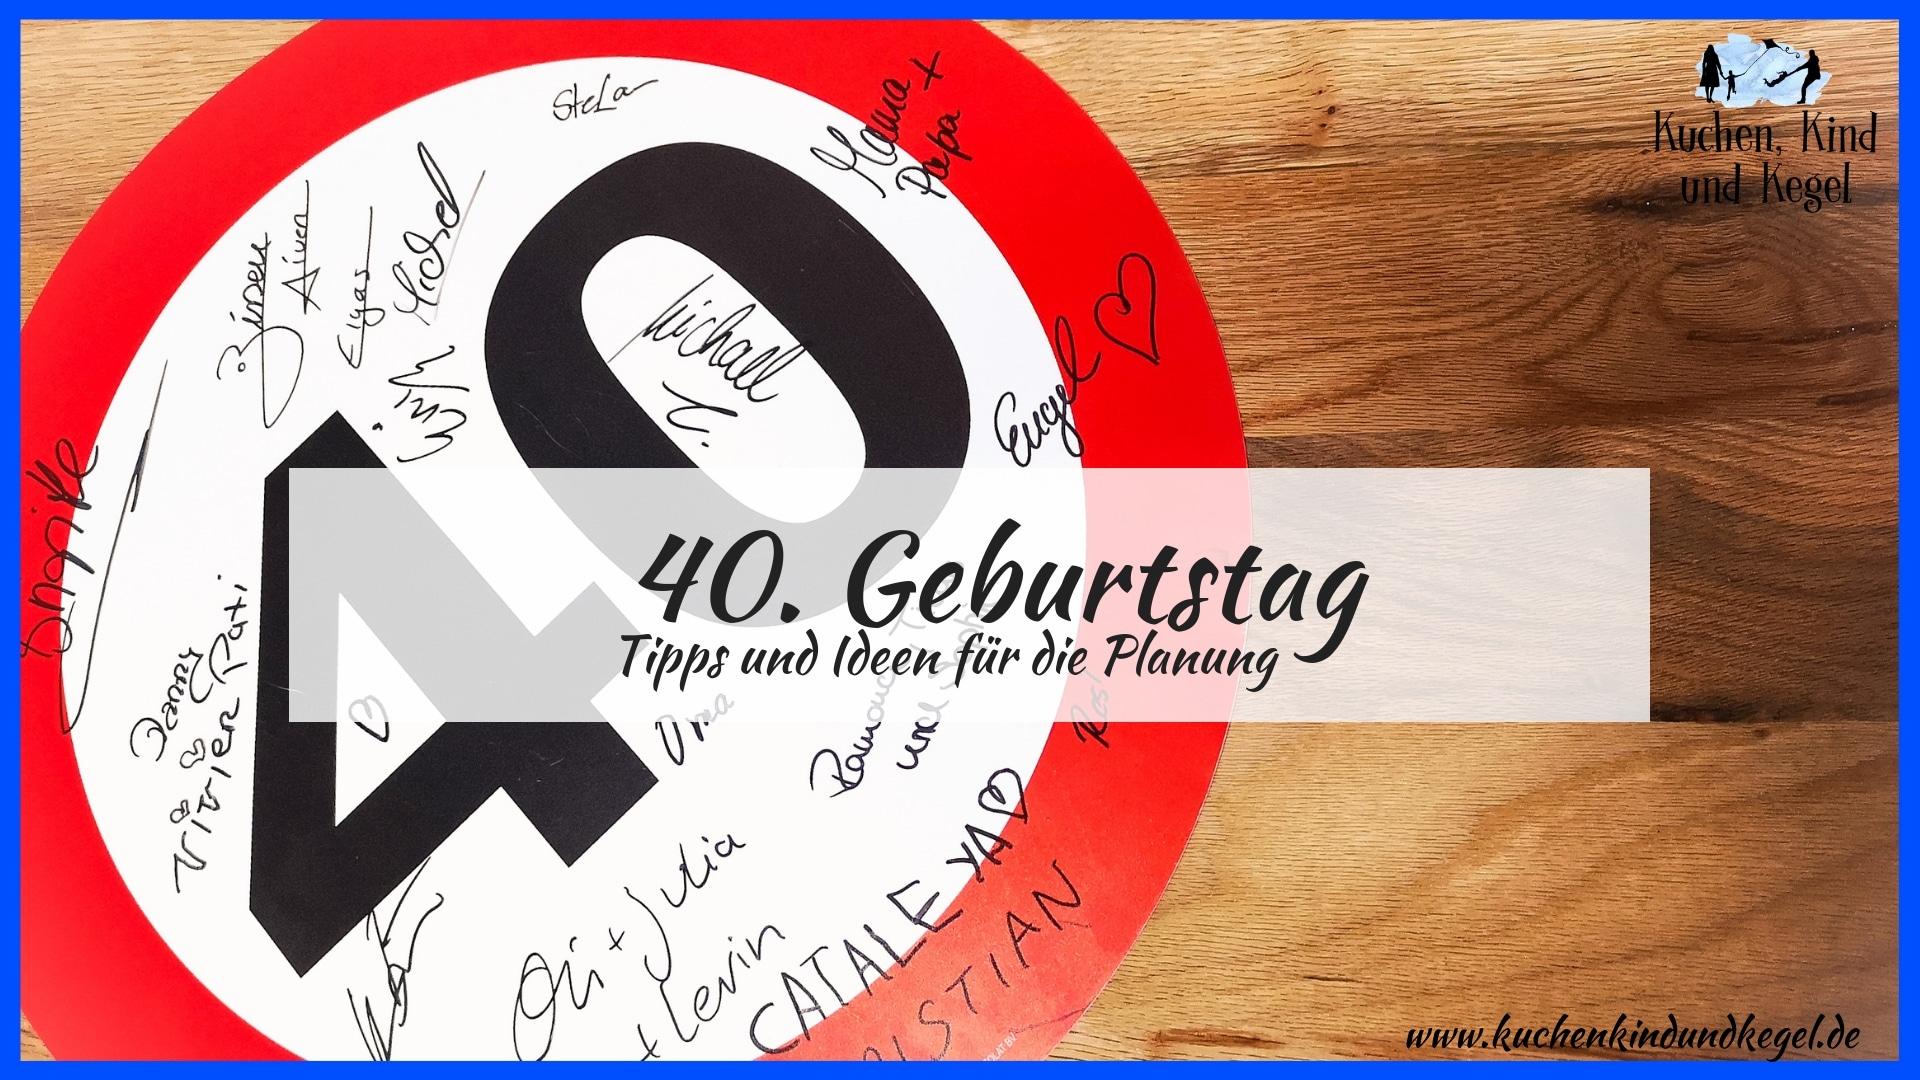 40 geburtstag feiern tipps und ideen f r die planung for Bader planen tipps und ideen